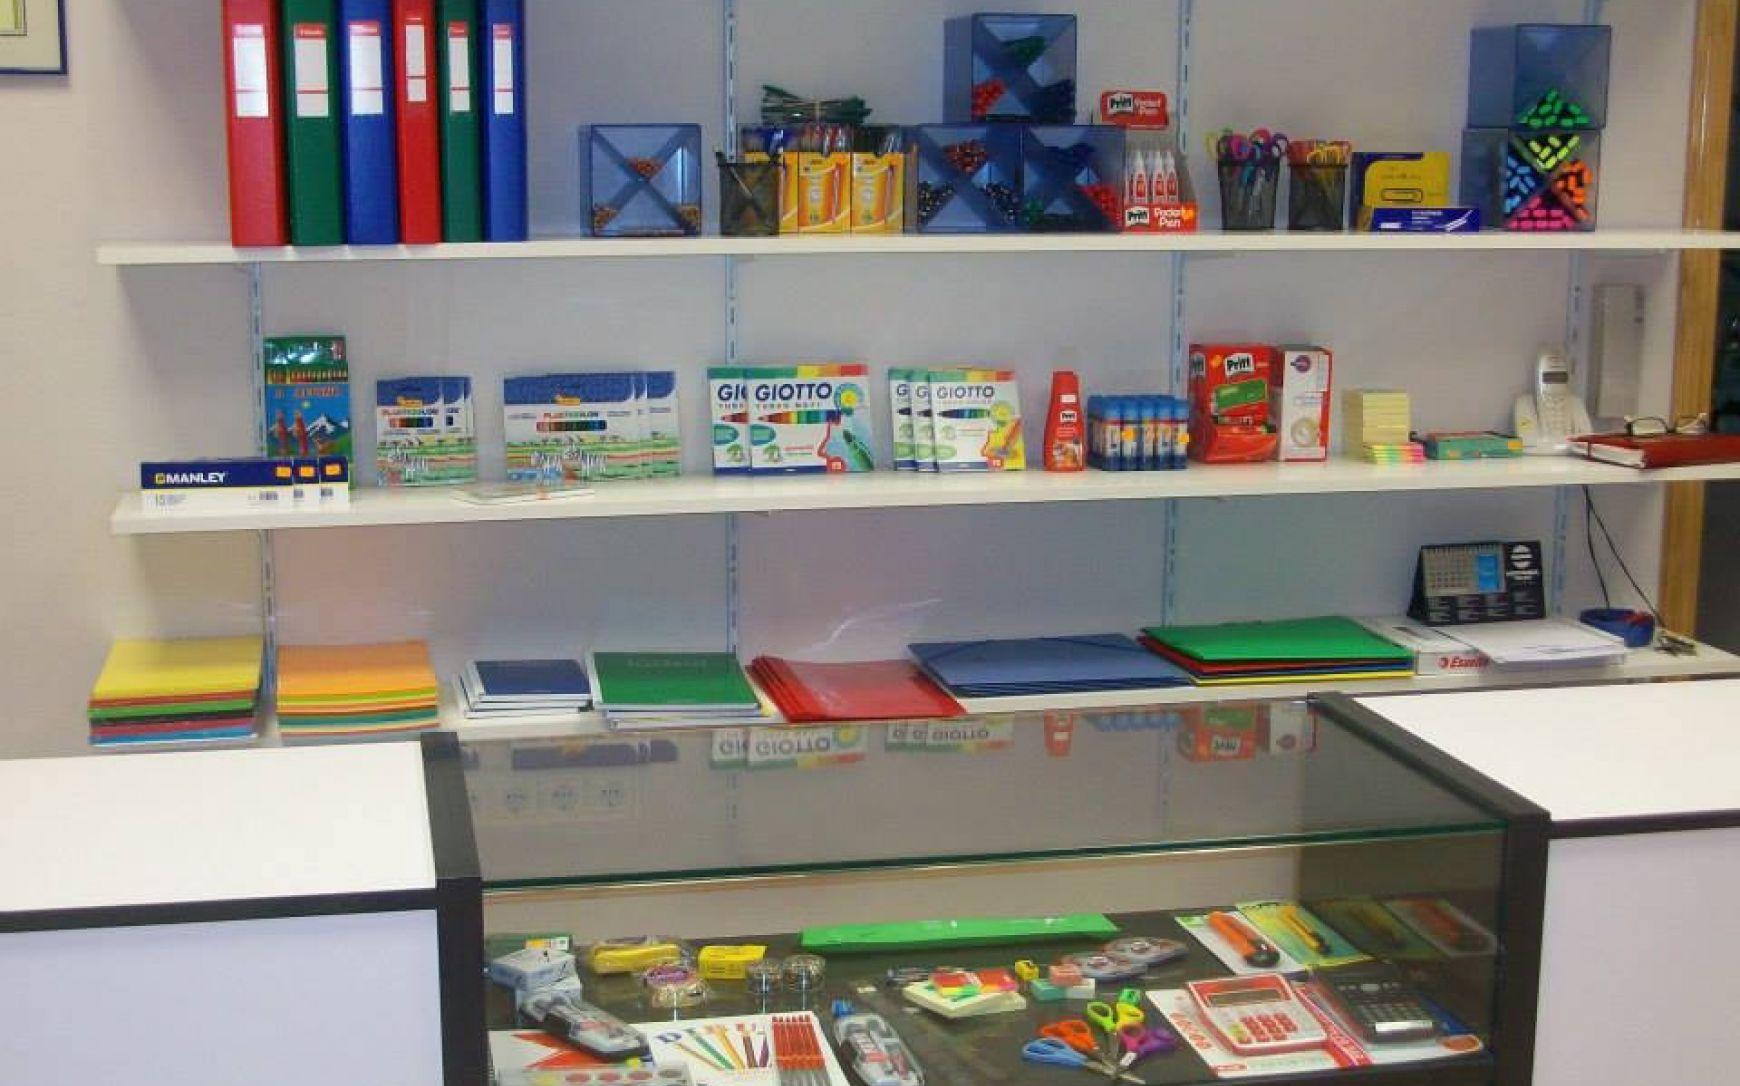 Papelería Centro de Estudios Academia Formación Autoescuela en Mutxamel